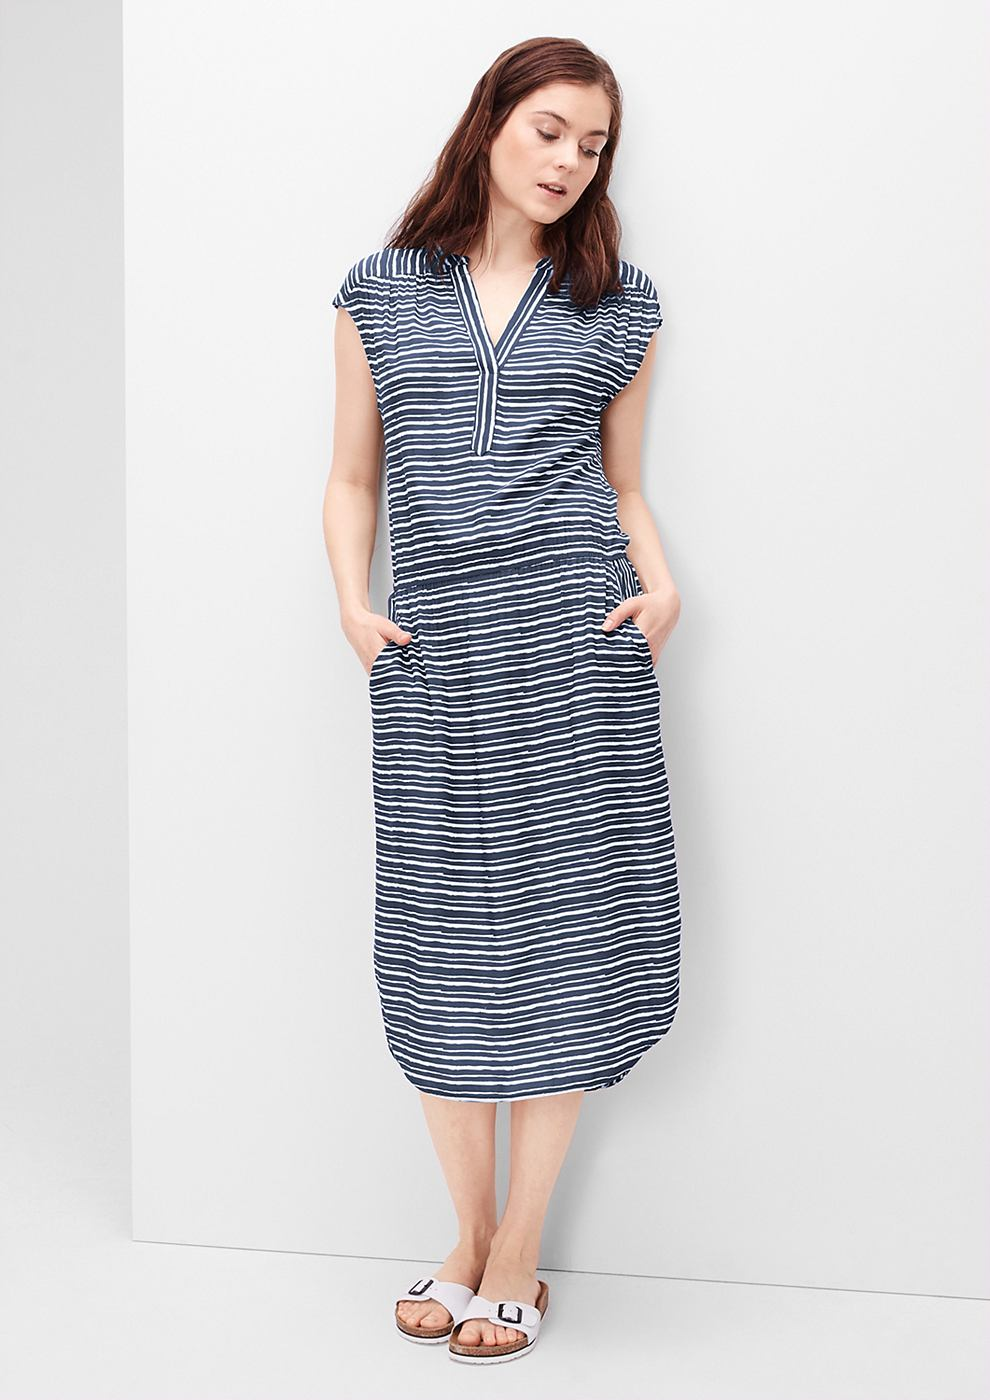 s.Oliver Midi-jurk met een strepenlook blauw